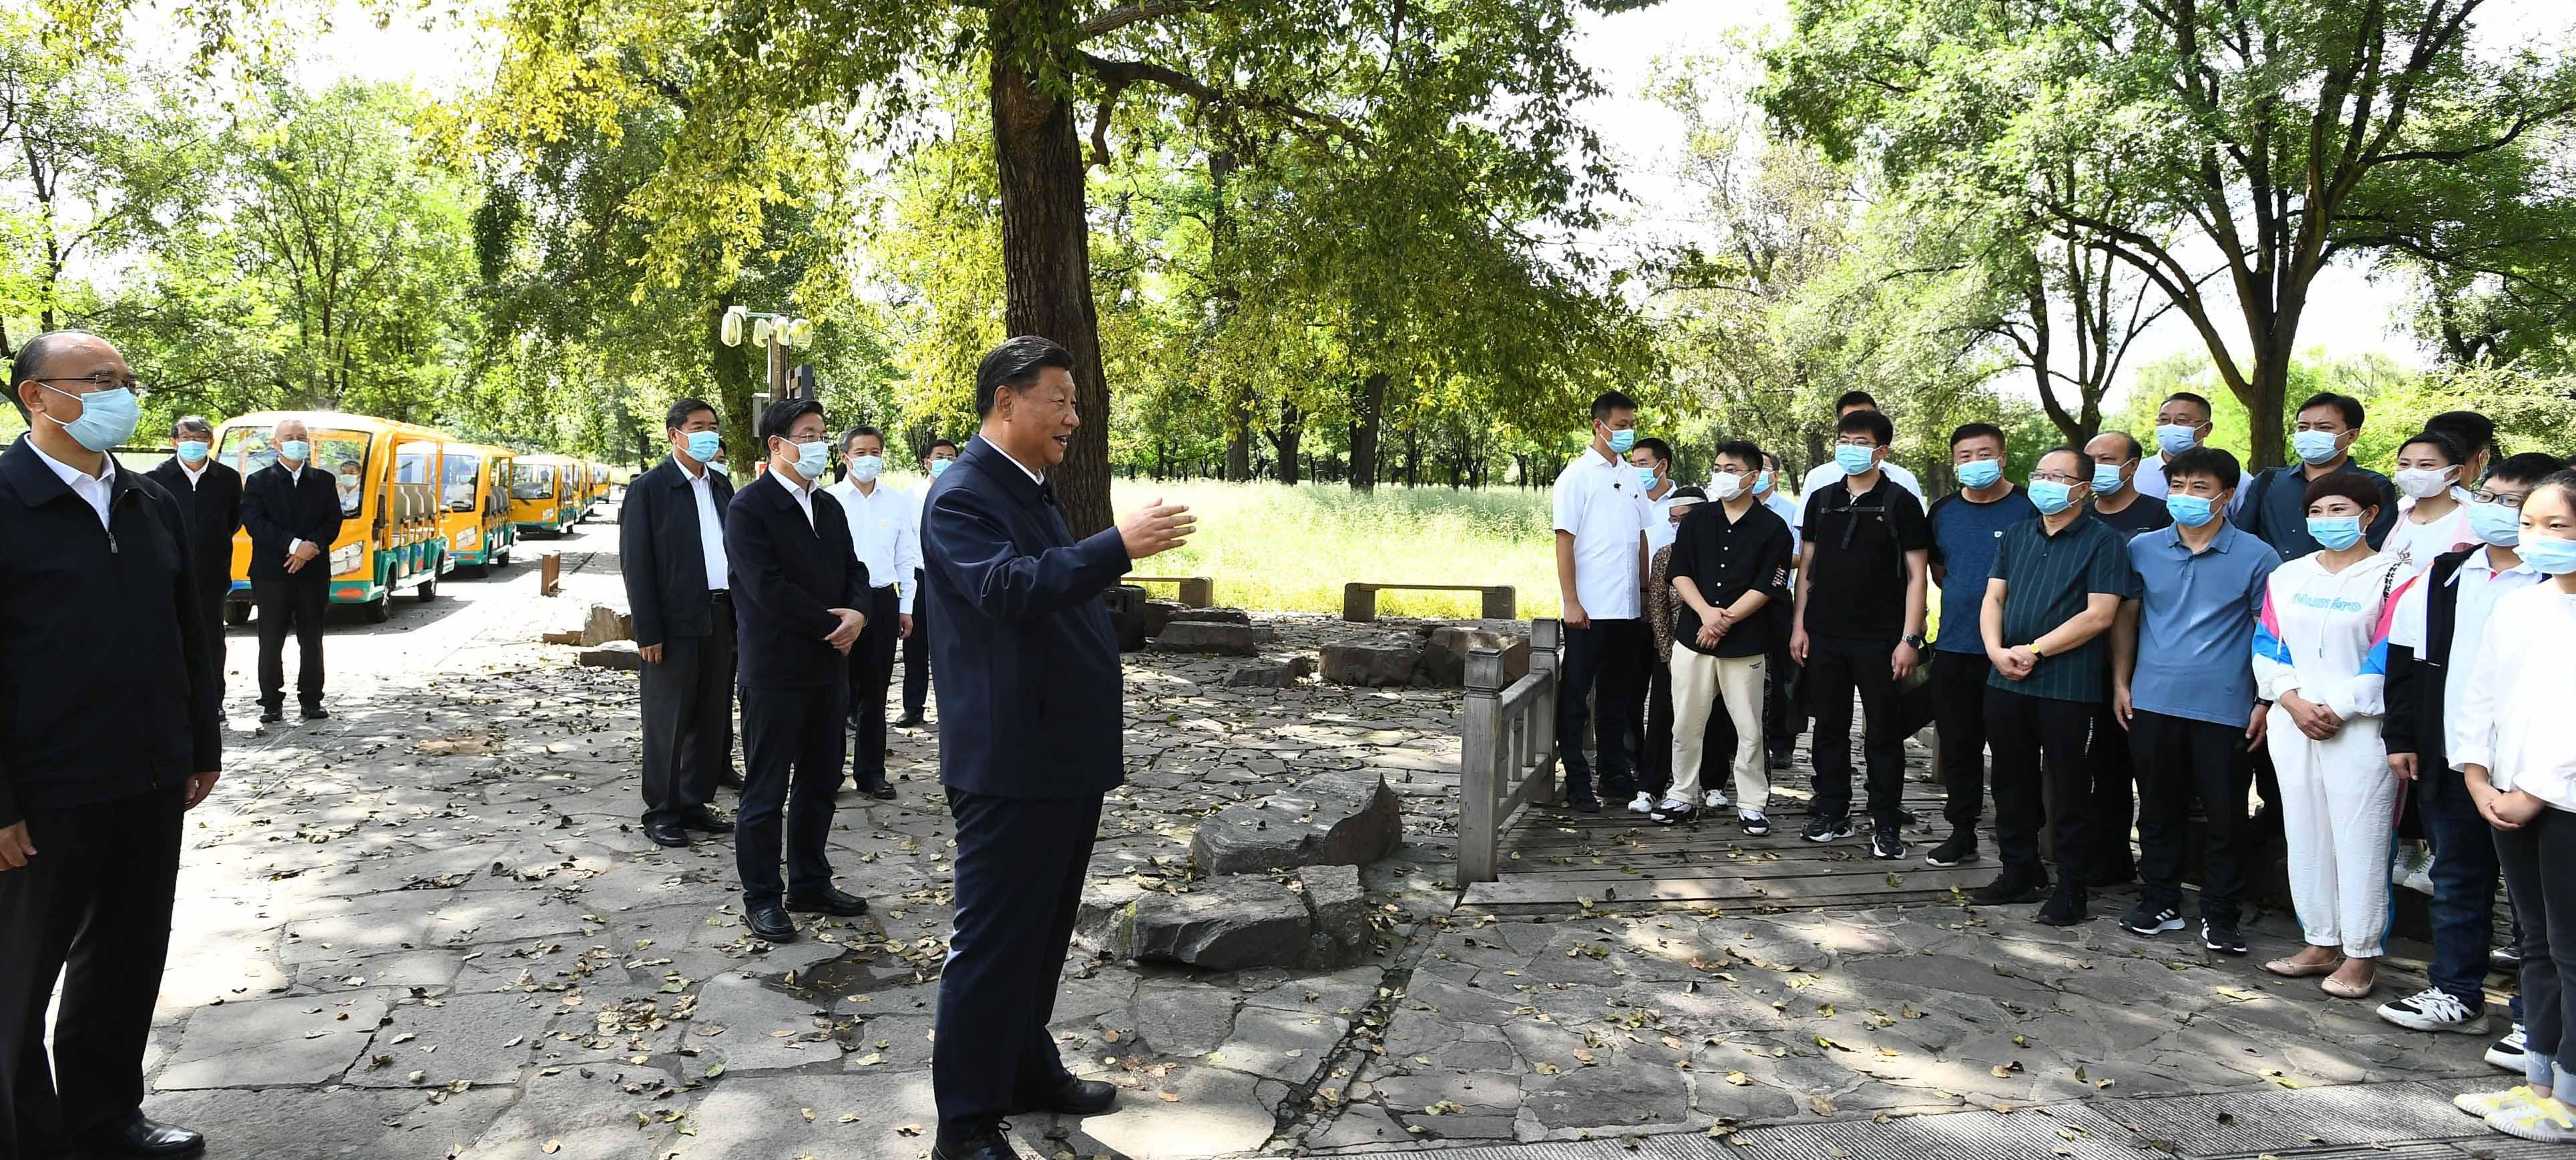 Xi inspeciona cidade de Chengde, no norte da China